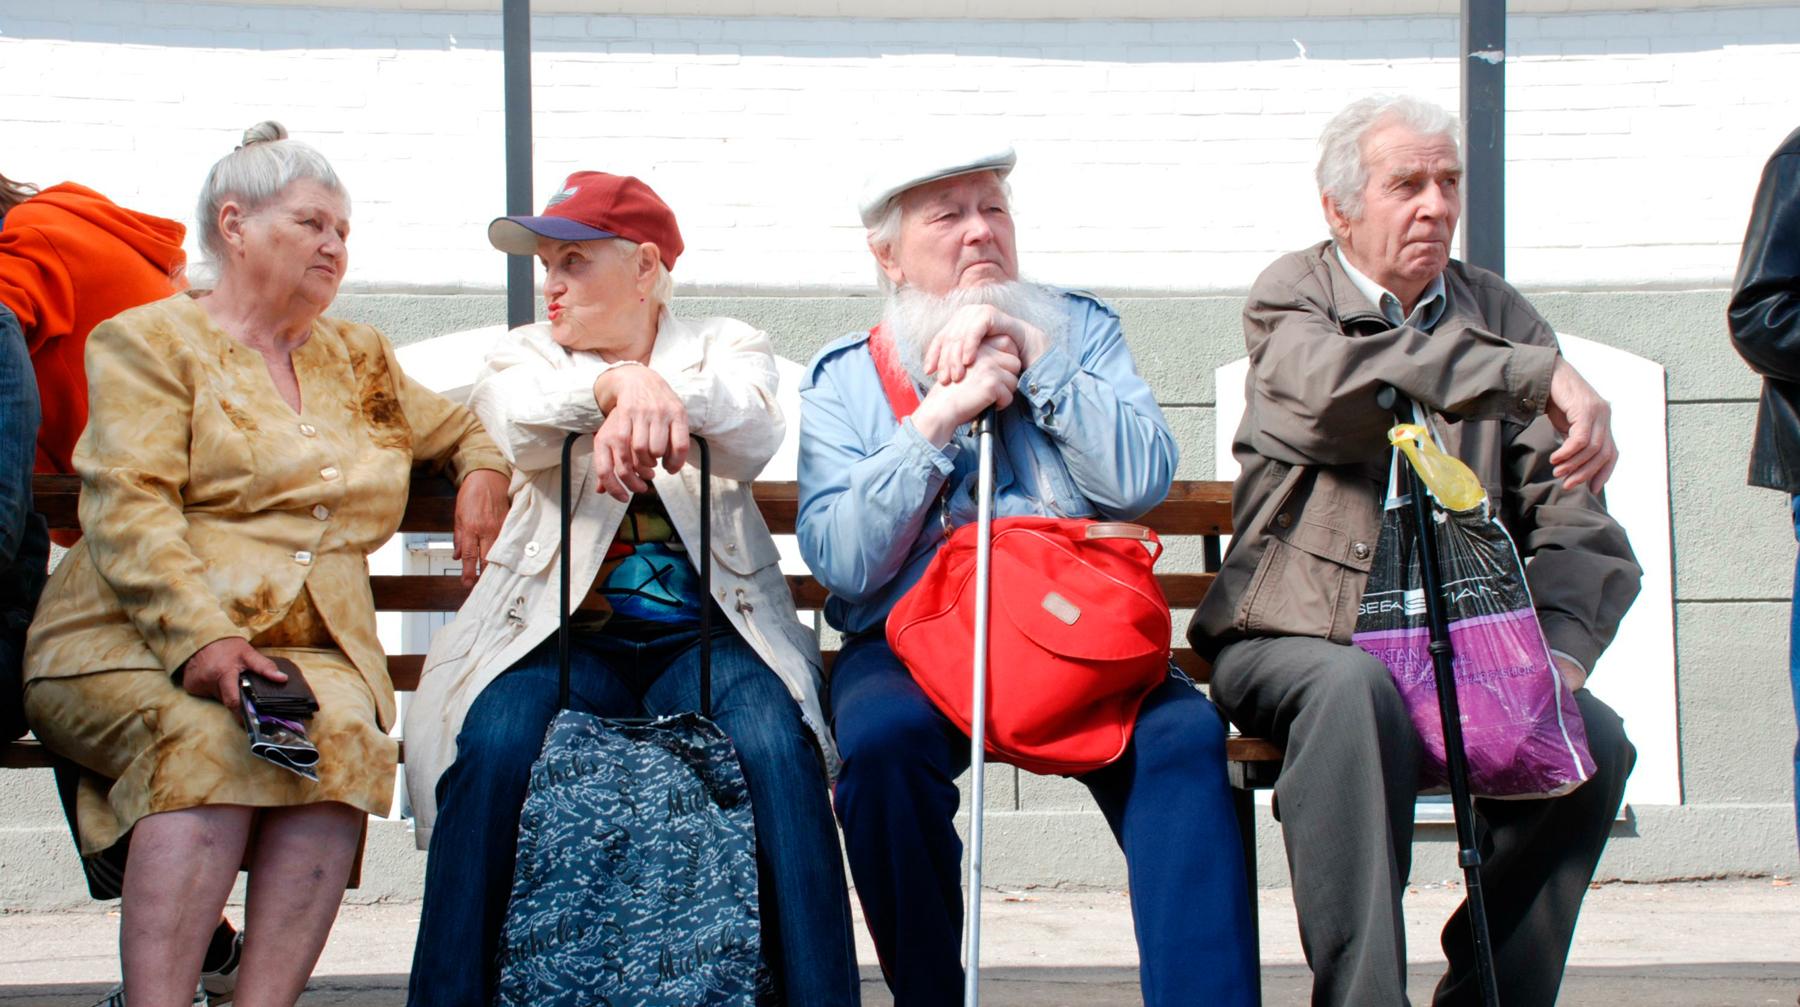 Если человек умер и ни разу не получил пенсию пенсионный фонд личный кабинет физического лица вход по номеру телефона екатеринбург